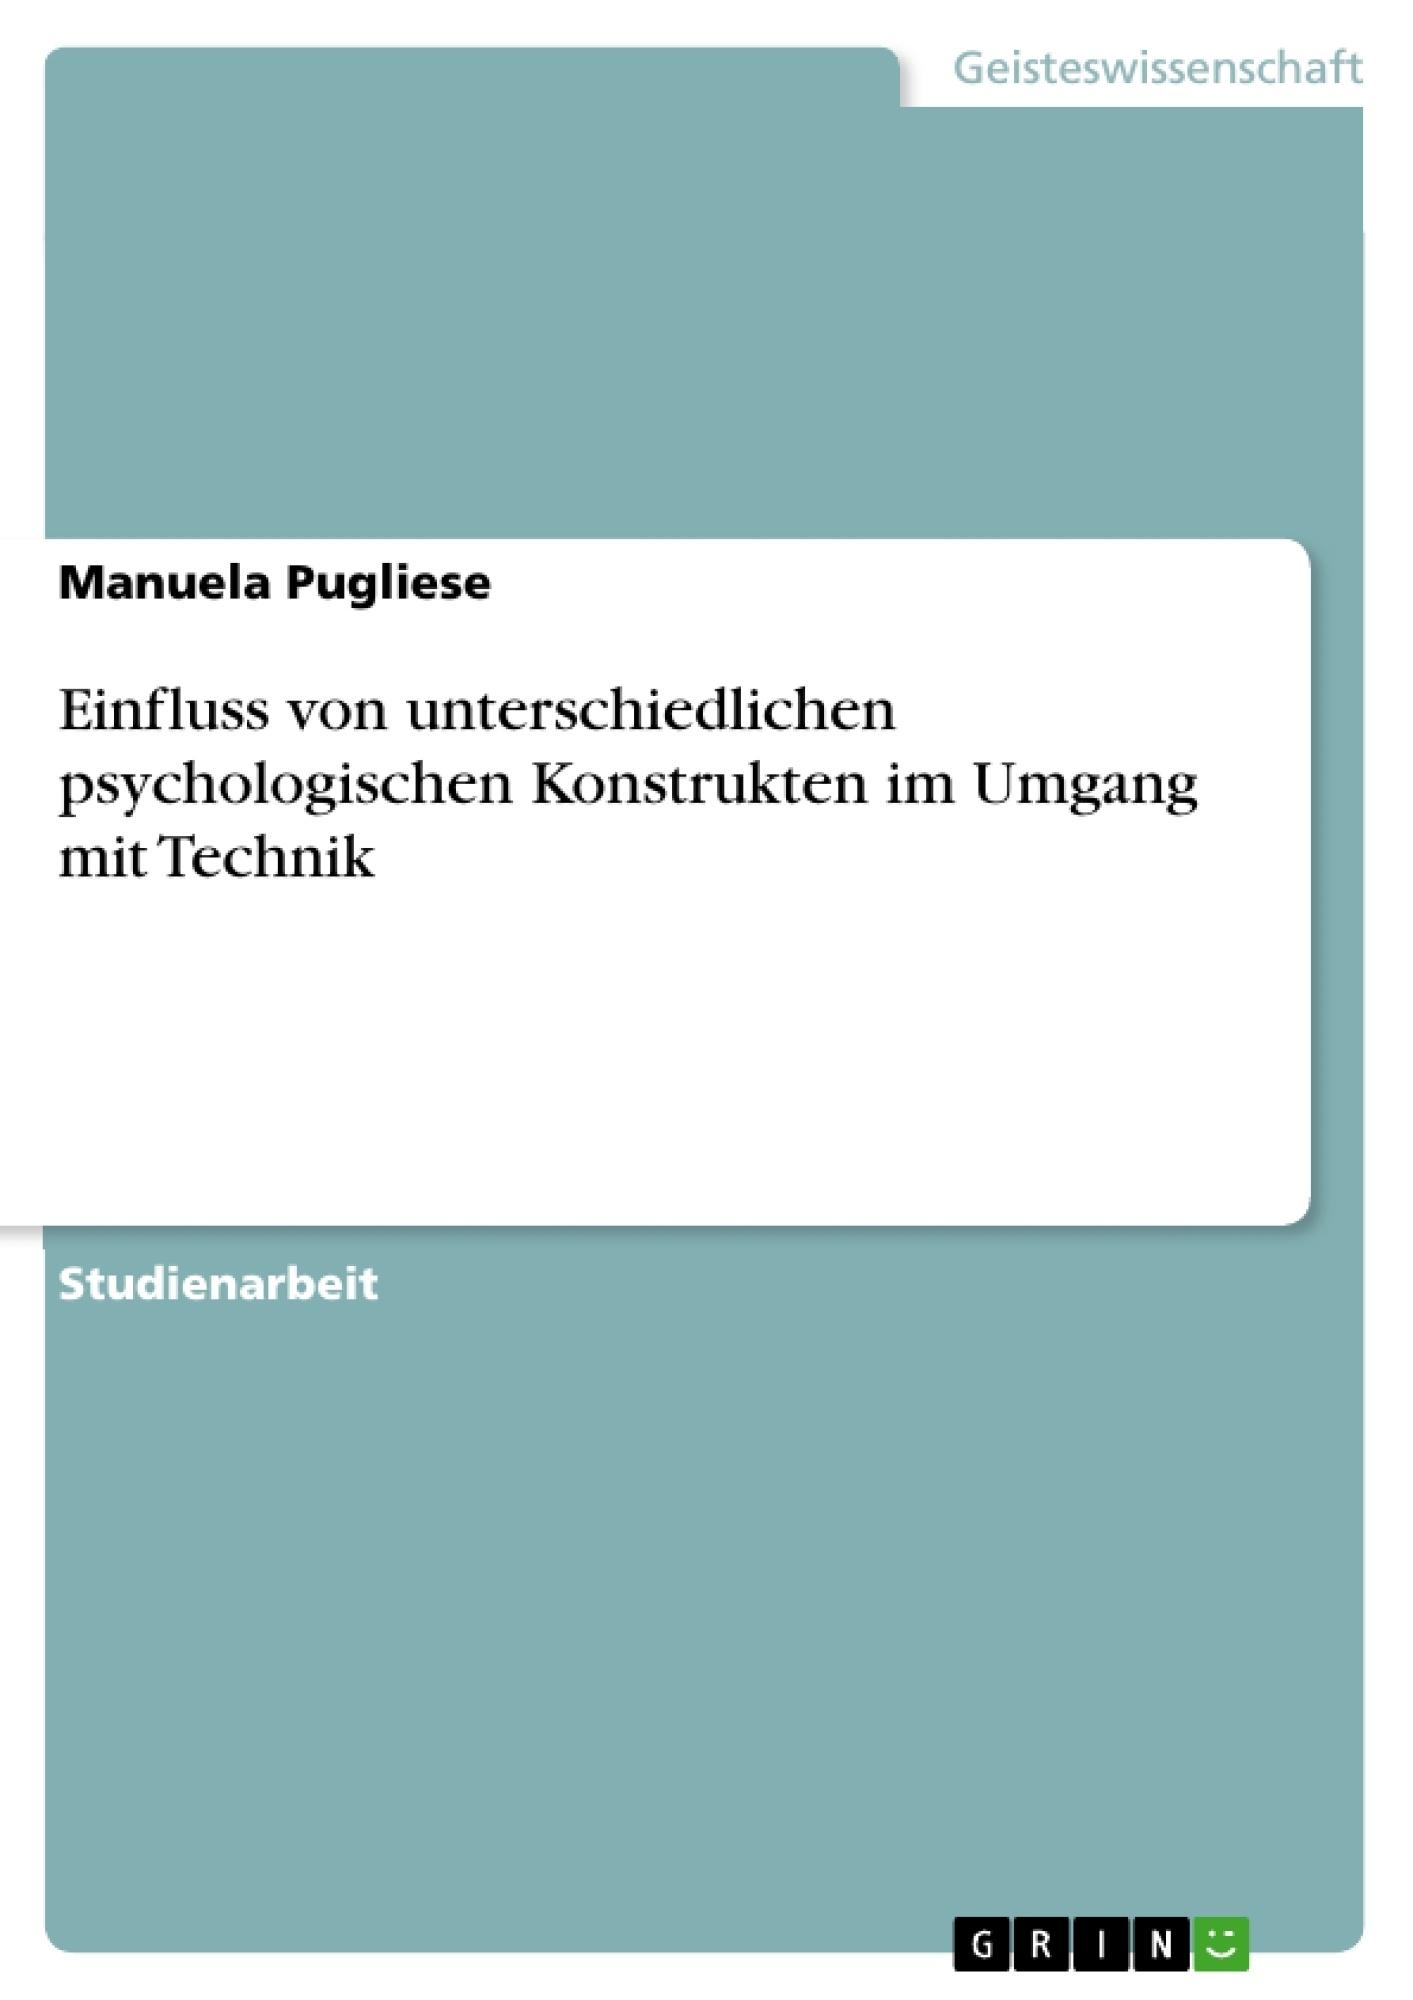 Titel: Einfluss von unterschiedlichen psychologischen Konstrukten im Umgang mit Technik